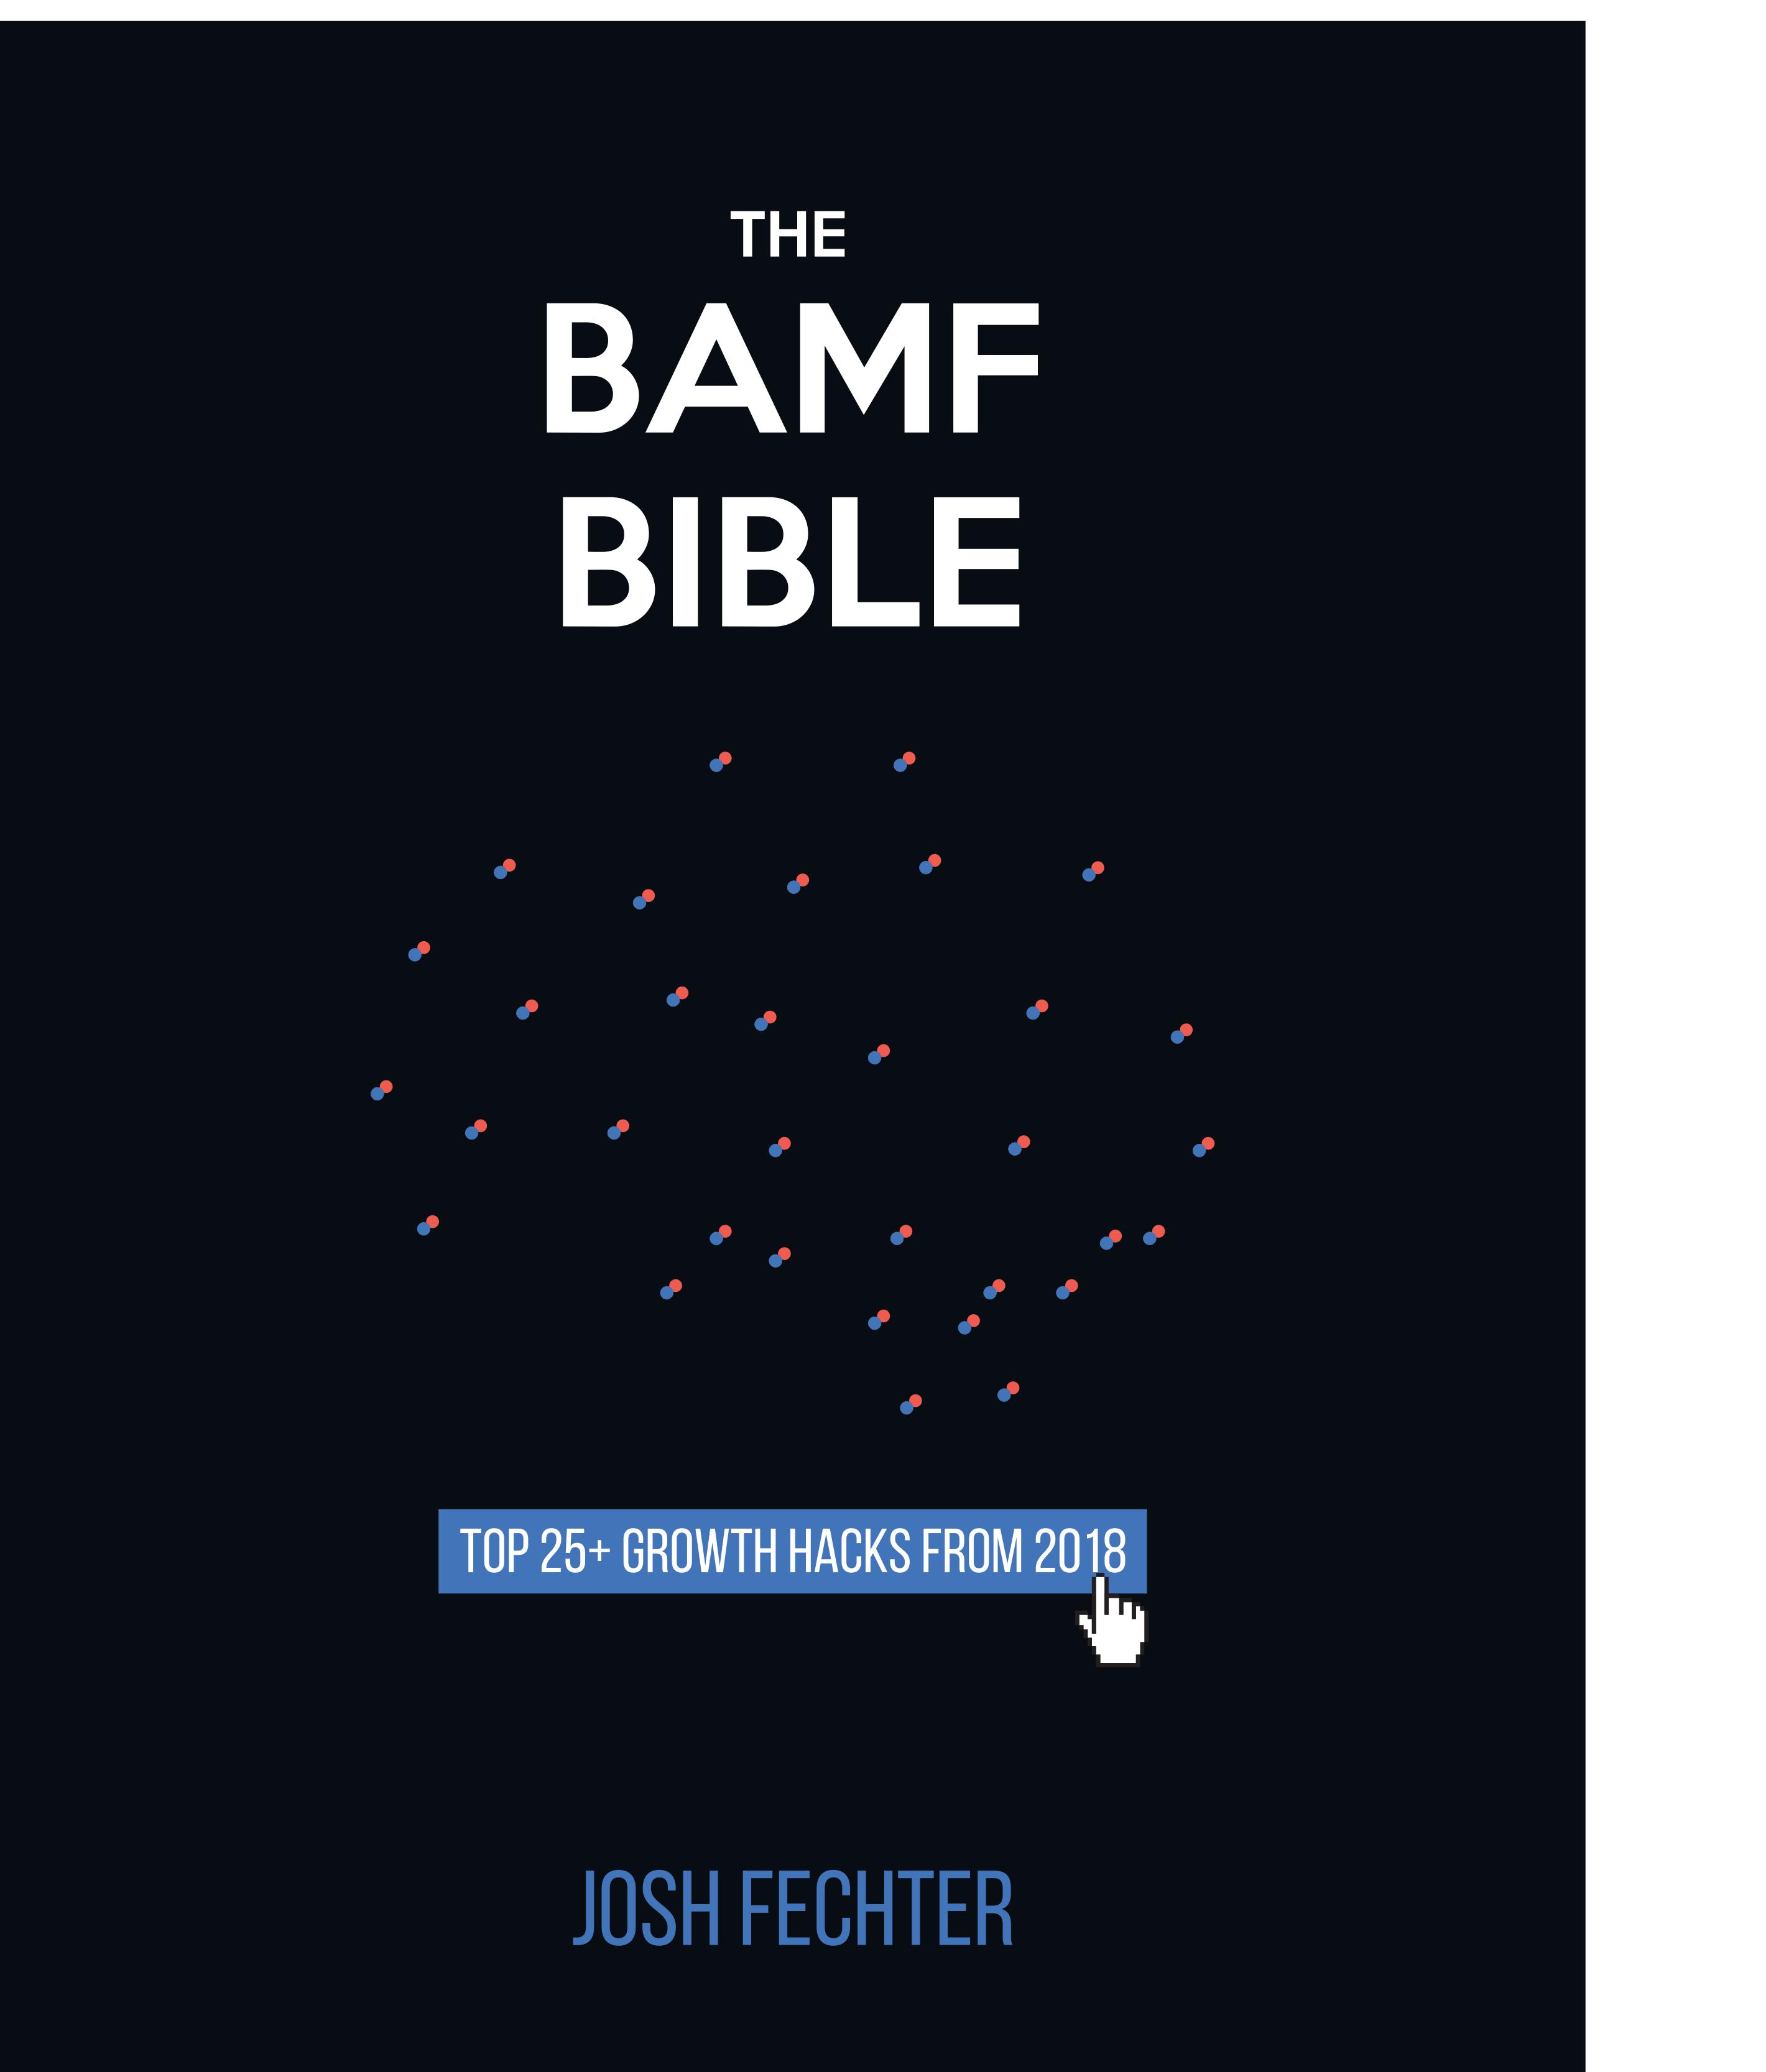 THE BAMF BIBLE 2018